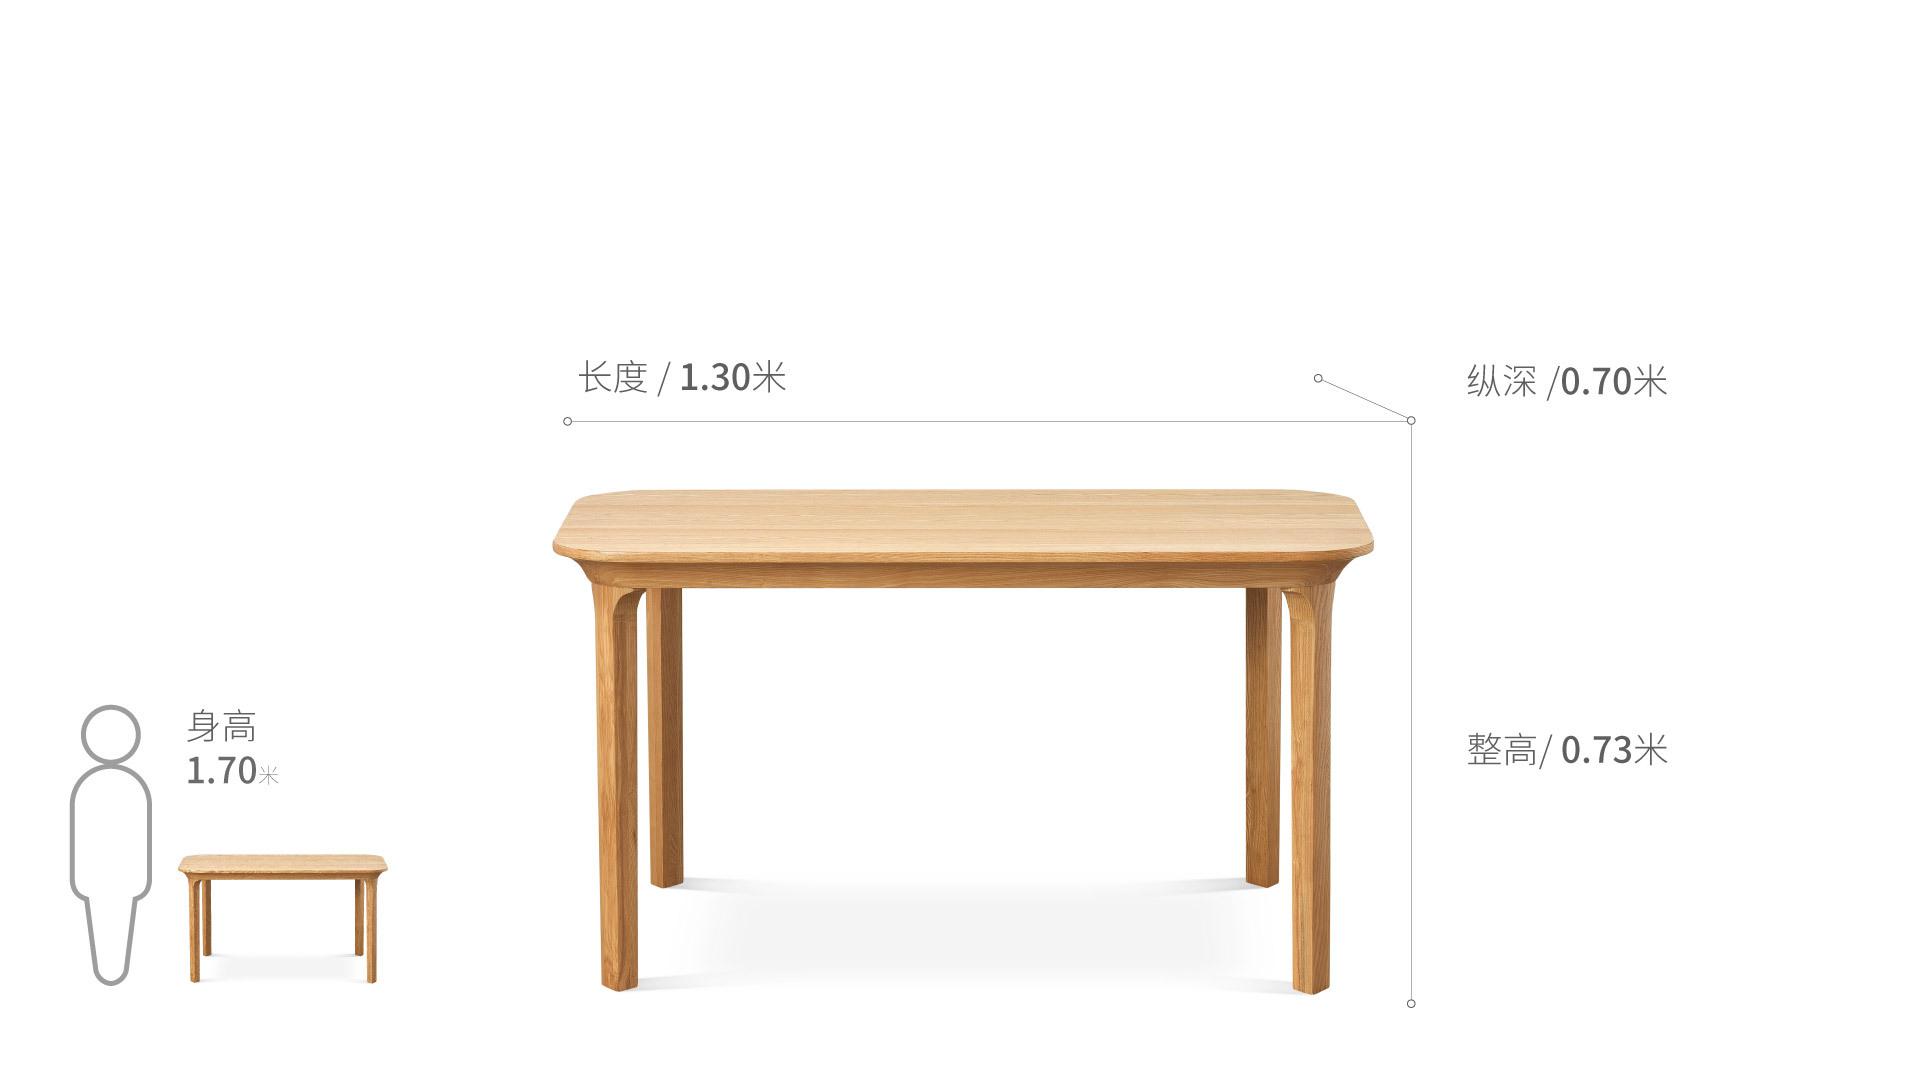 瓦檐餐桌 0.7/1.3/1.8米1.3米餐桌桌几效果图